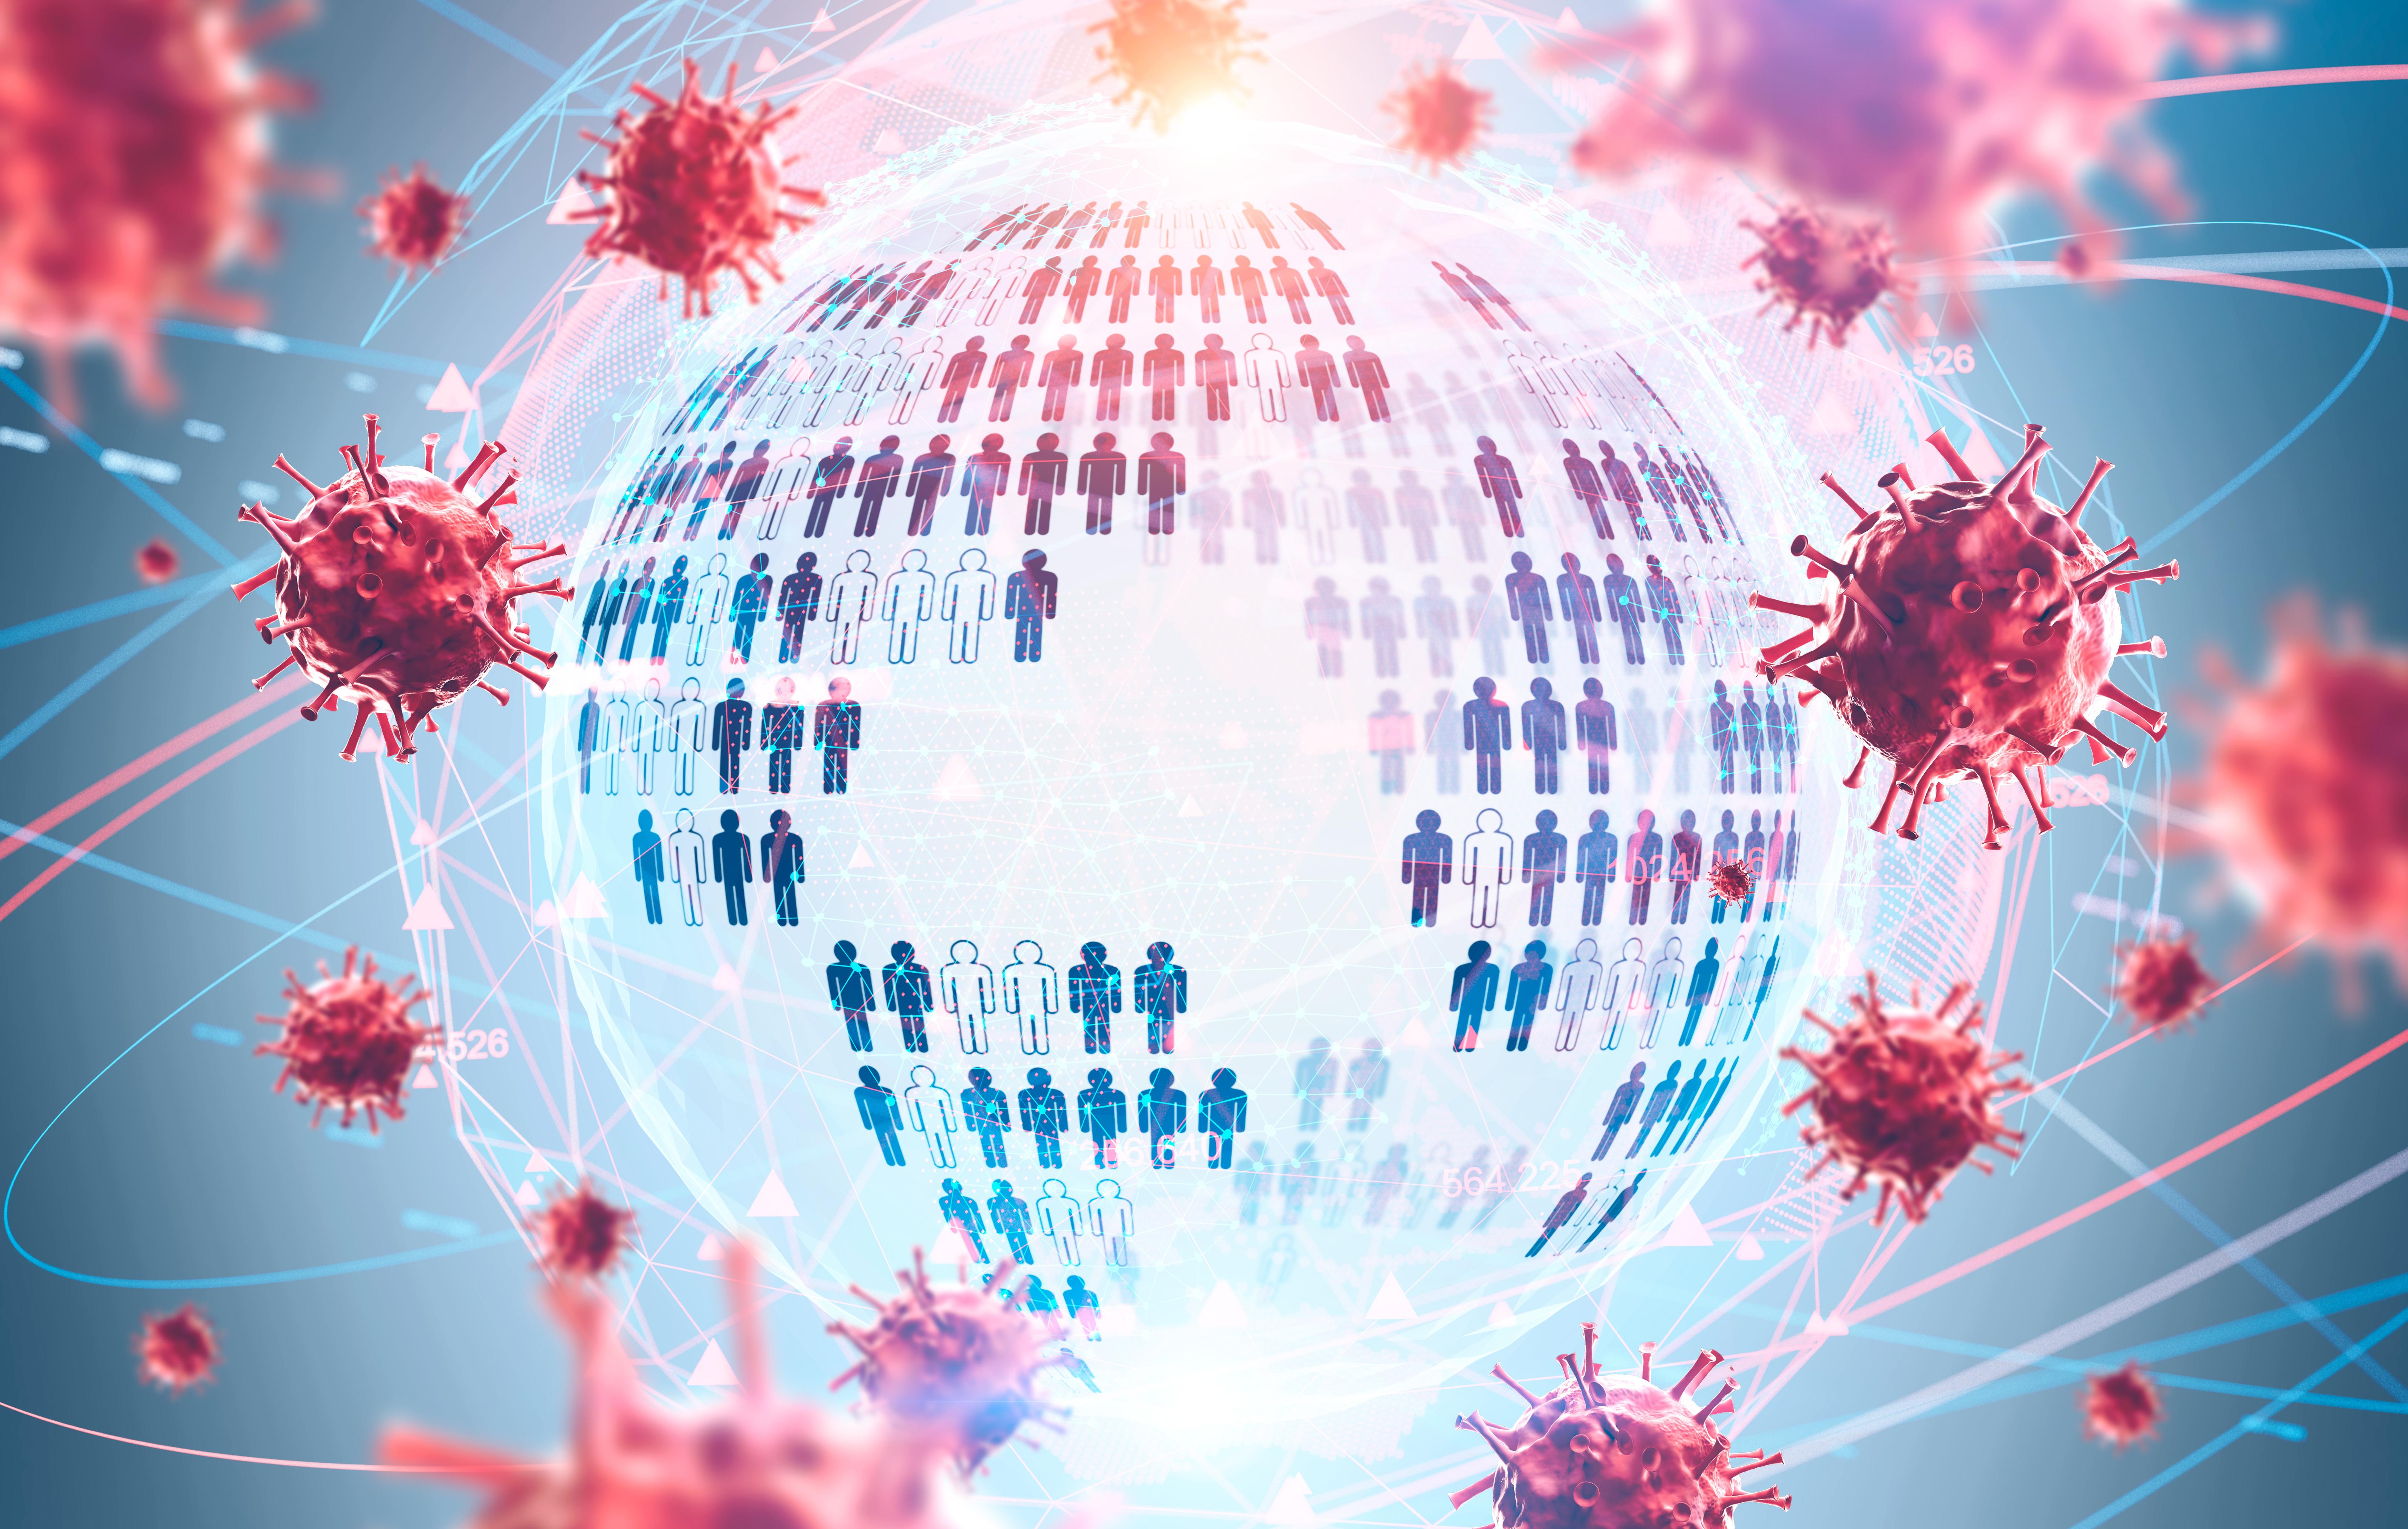 Cette analyse des données de santé de 17 millions d'adultes  apporte des preuves solides sur les facteurs de risque associés au décès par COVID-19